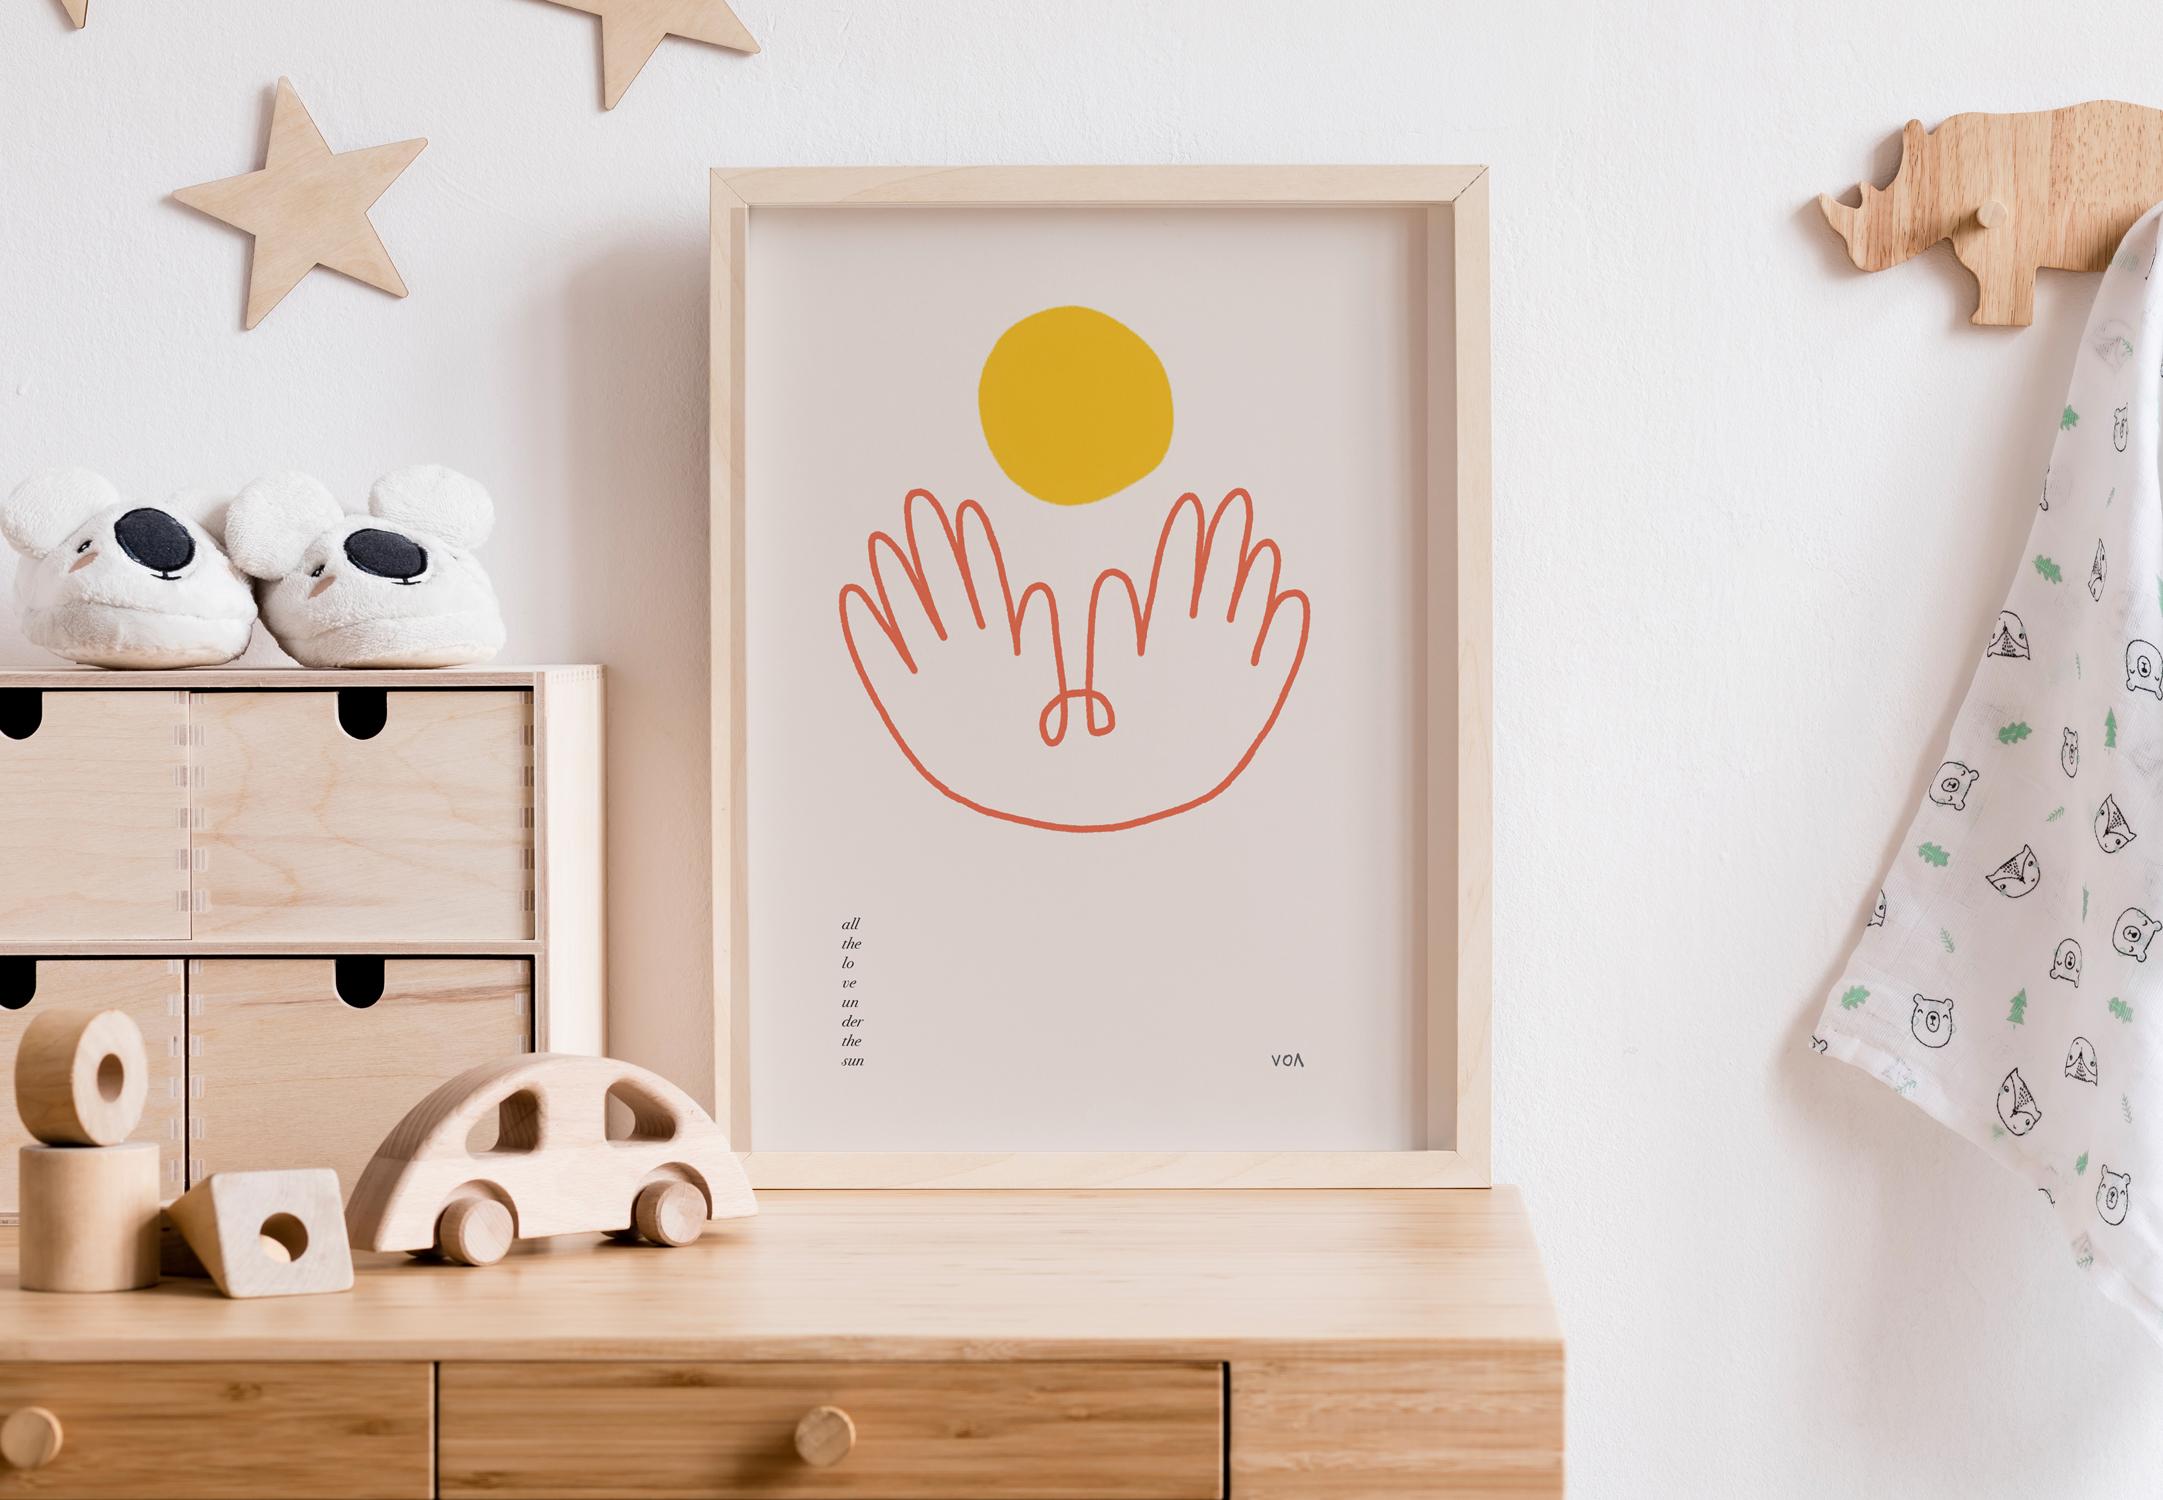 Wall art on motherhood by Victoria O'May